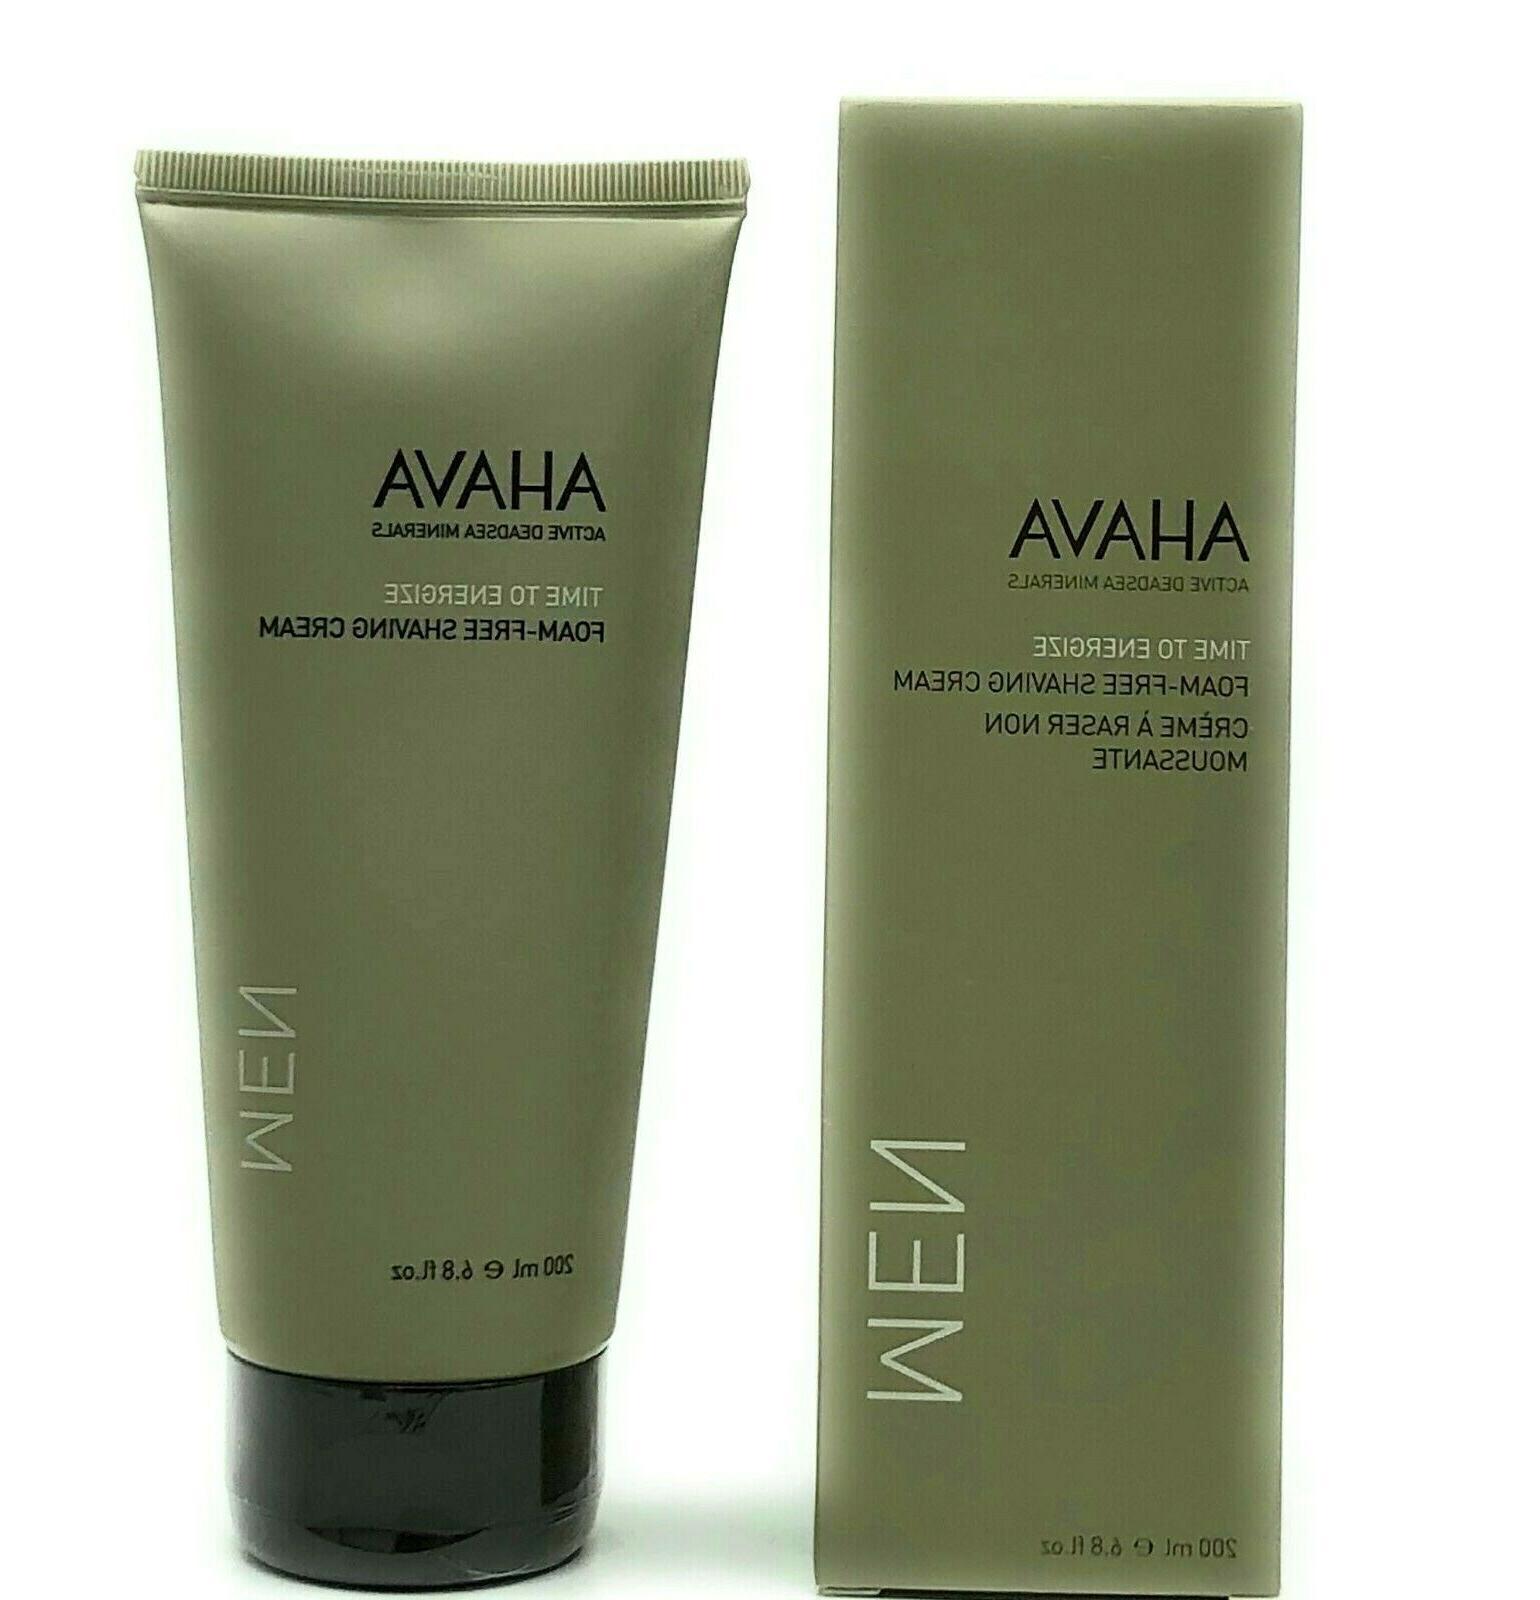 Ahava Men's Foam-Free Shaving Cream